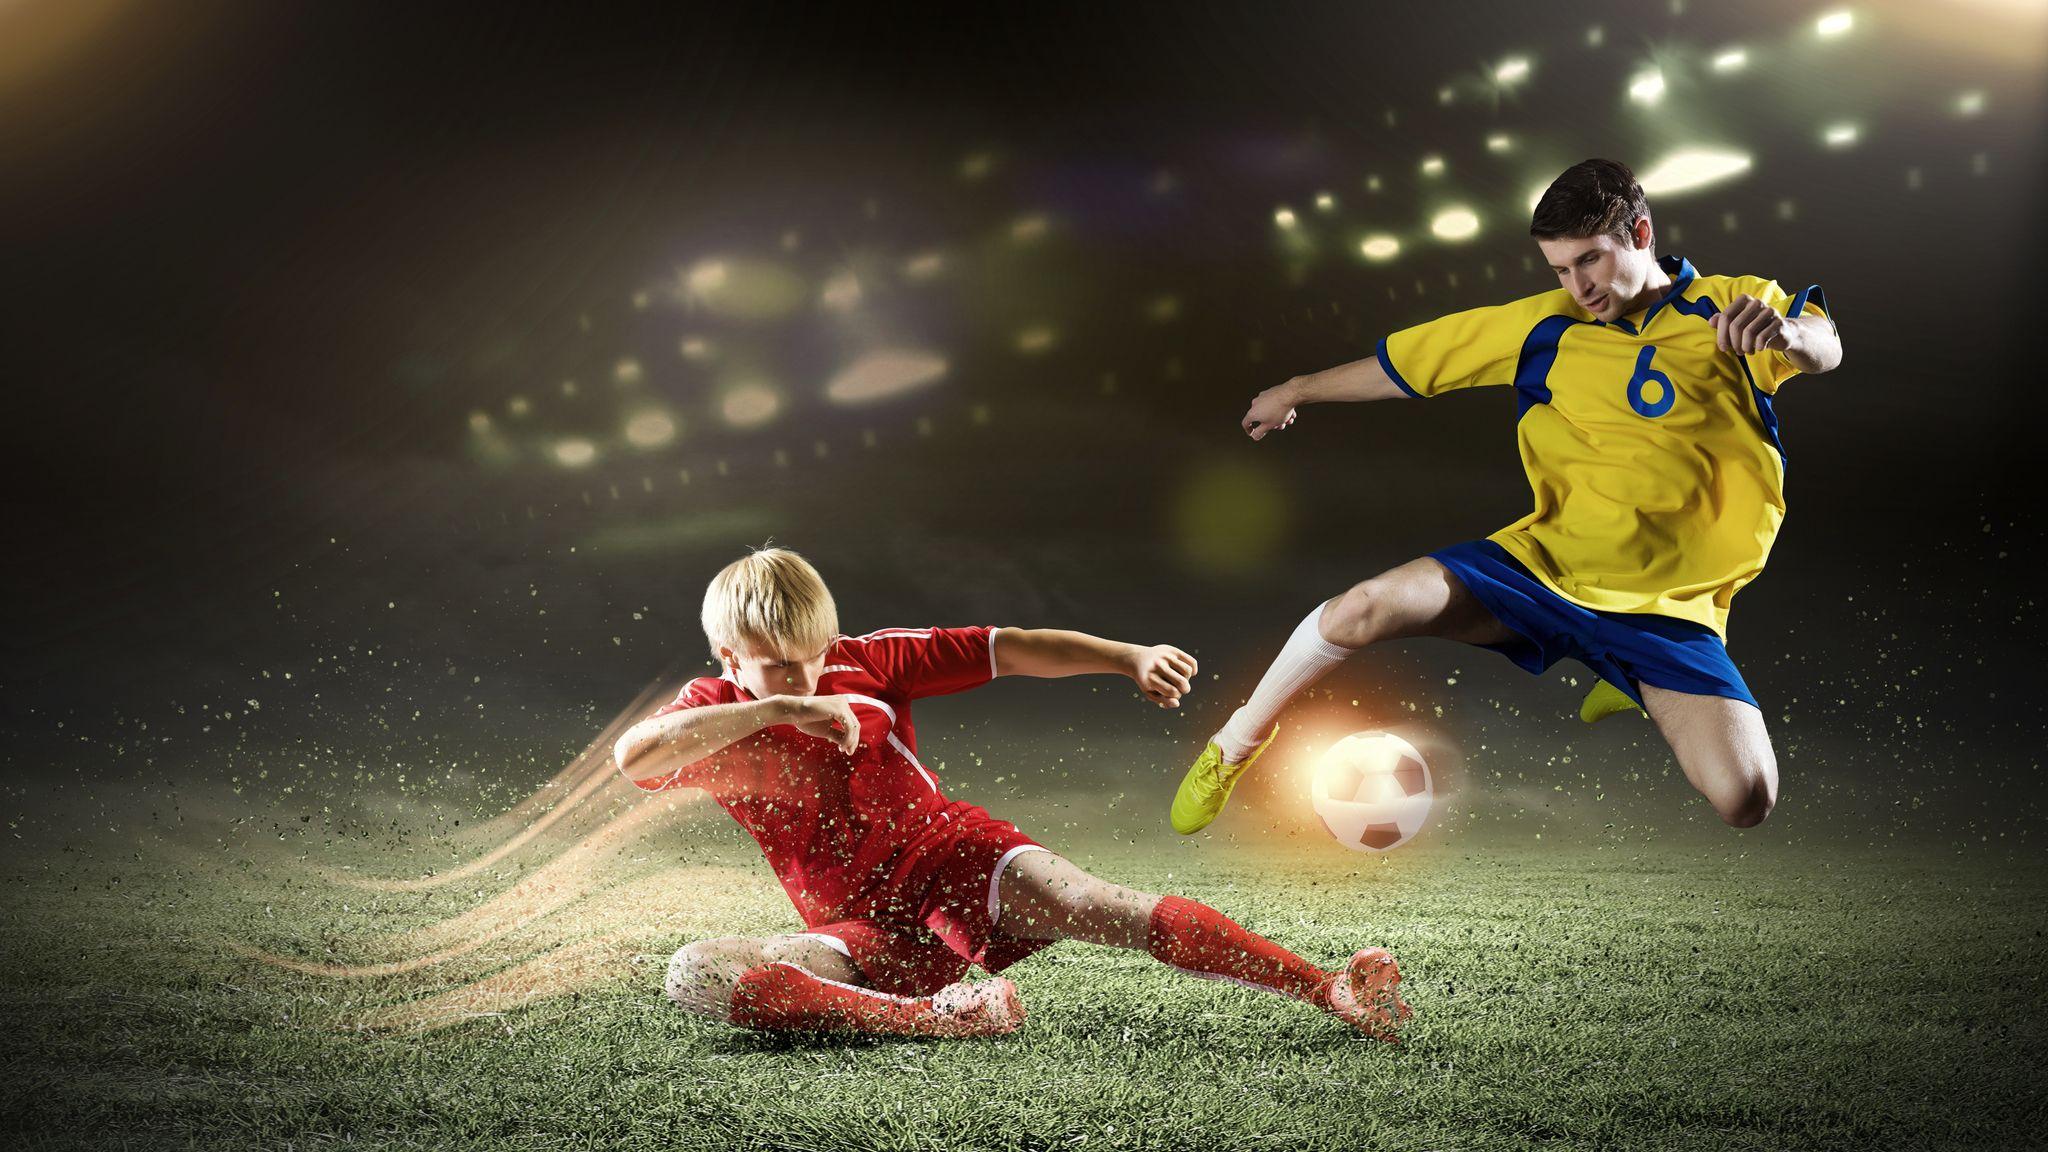 football desktop wallpaper, football 4k free wallpaper